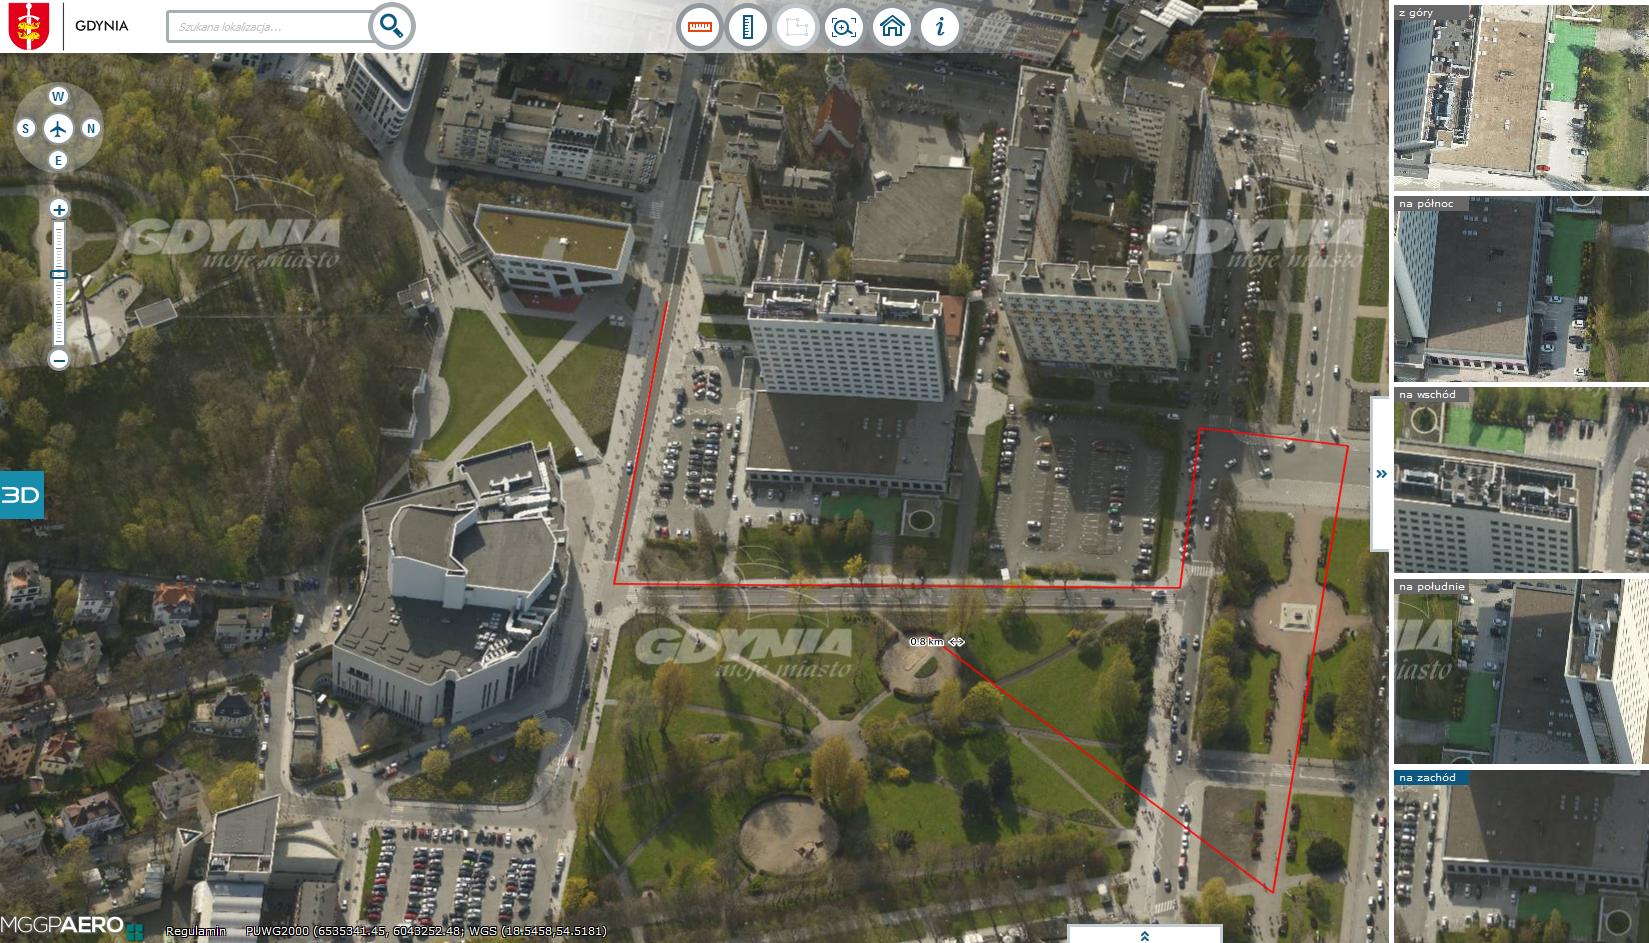 Mapa Gdyni złożona ze zdjęć ukośnych, źródło: gdynia.ukosne.pl